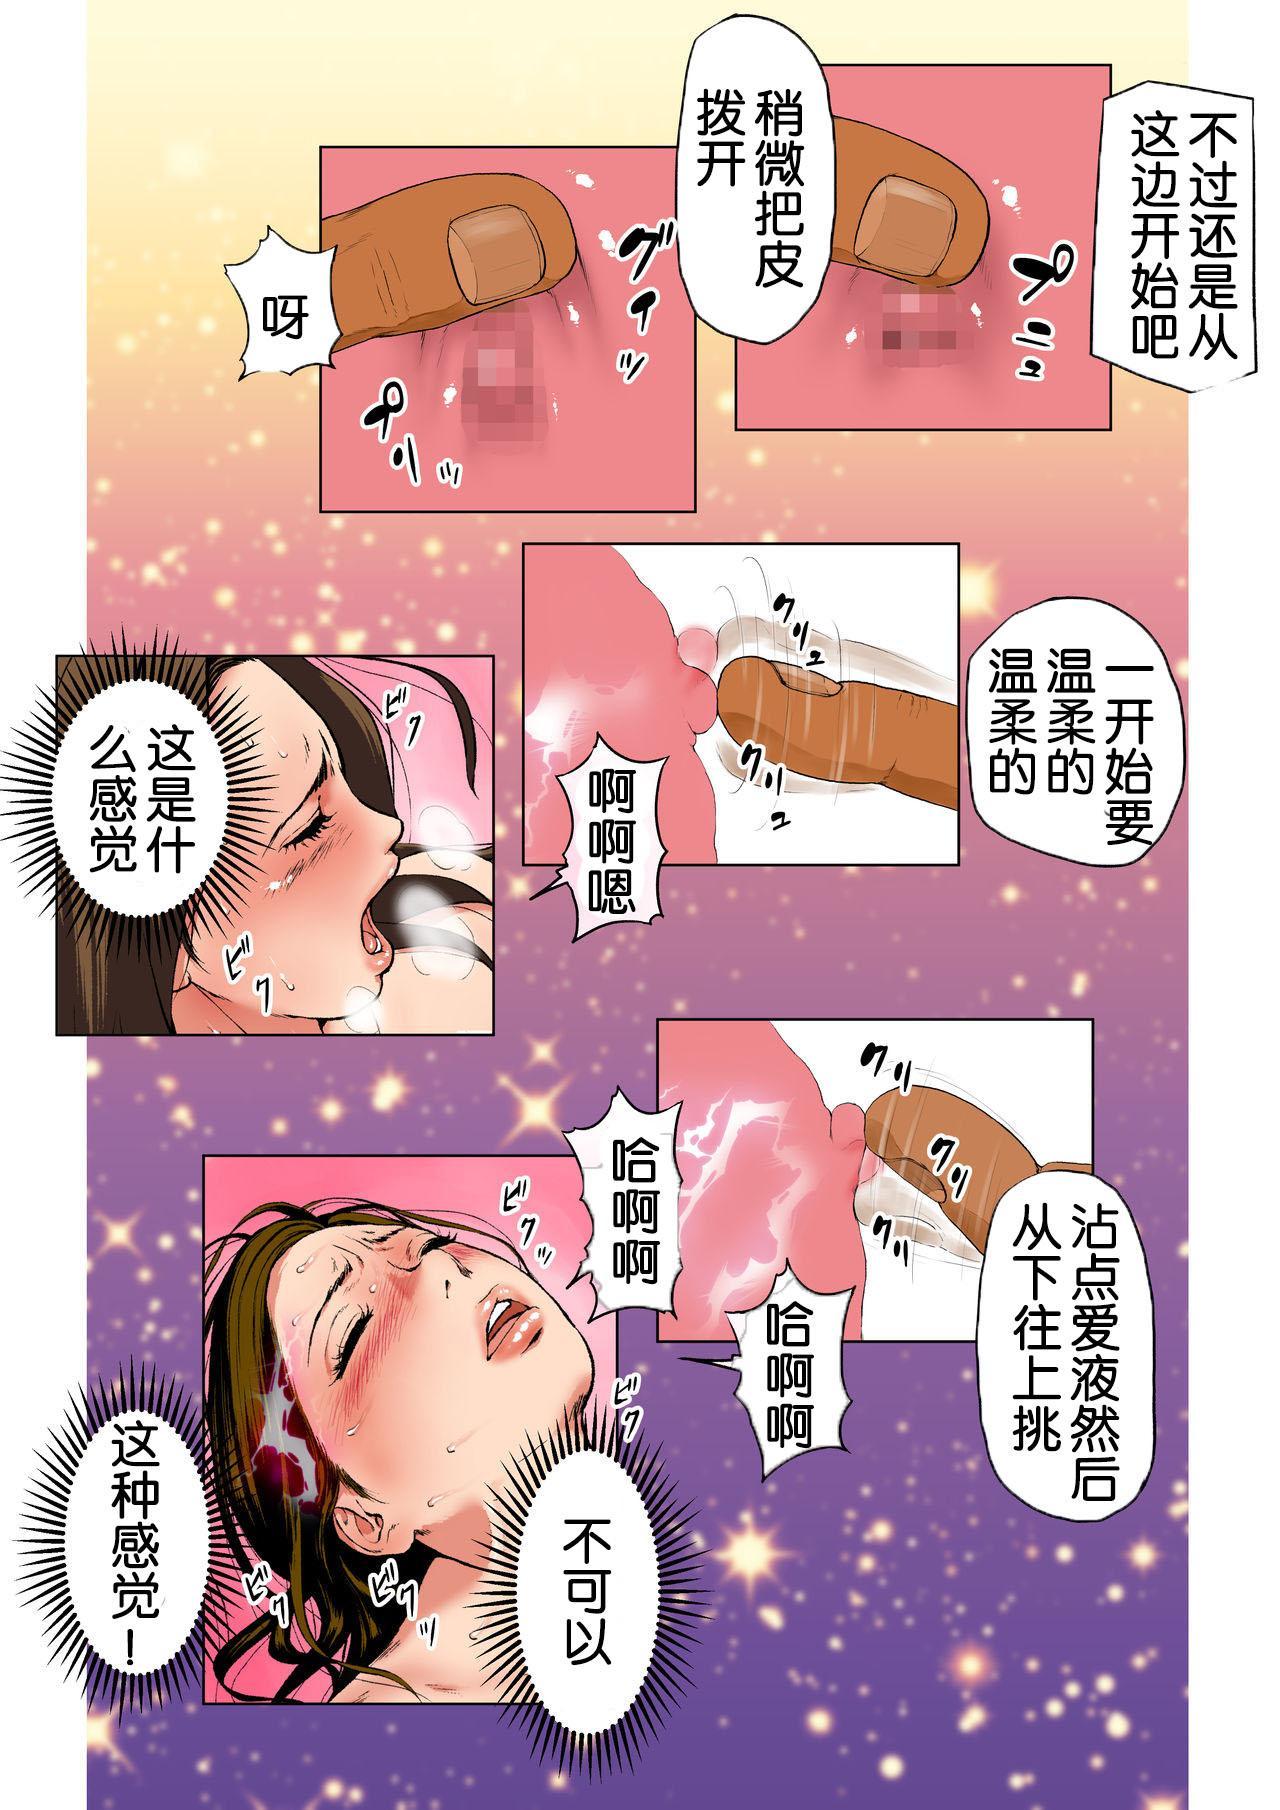 [W no Honnou] Shin, Boku no Tsuma to Kyokon no Moto AV Danyuu Buchou[Chinese]【不可视汉化】 34